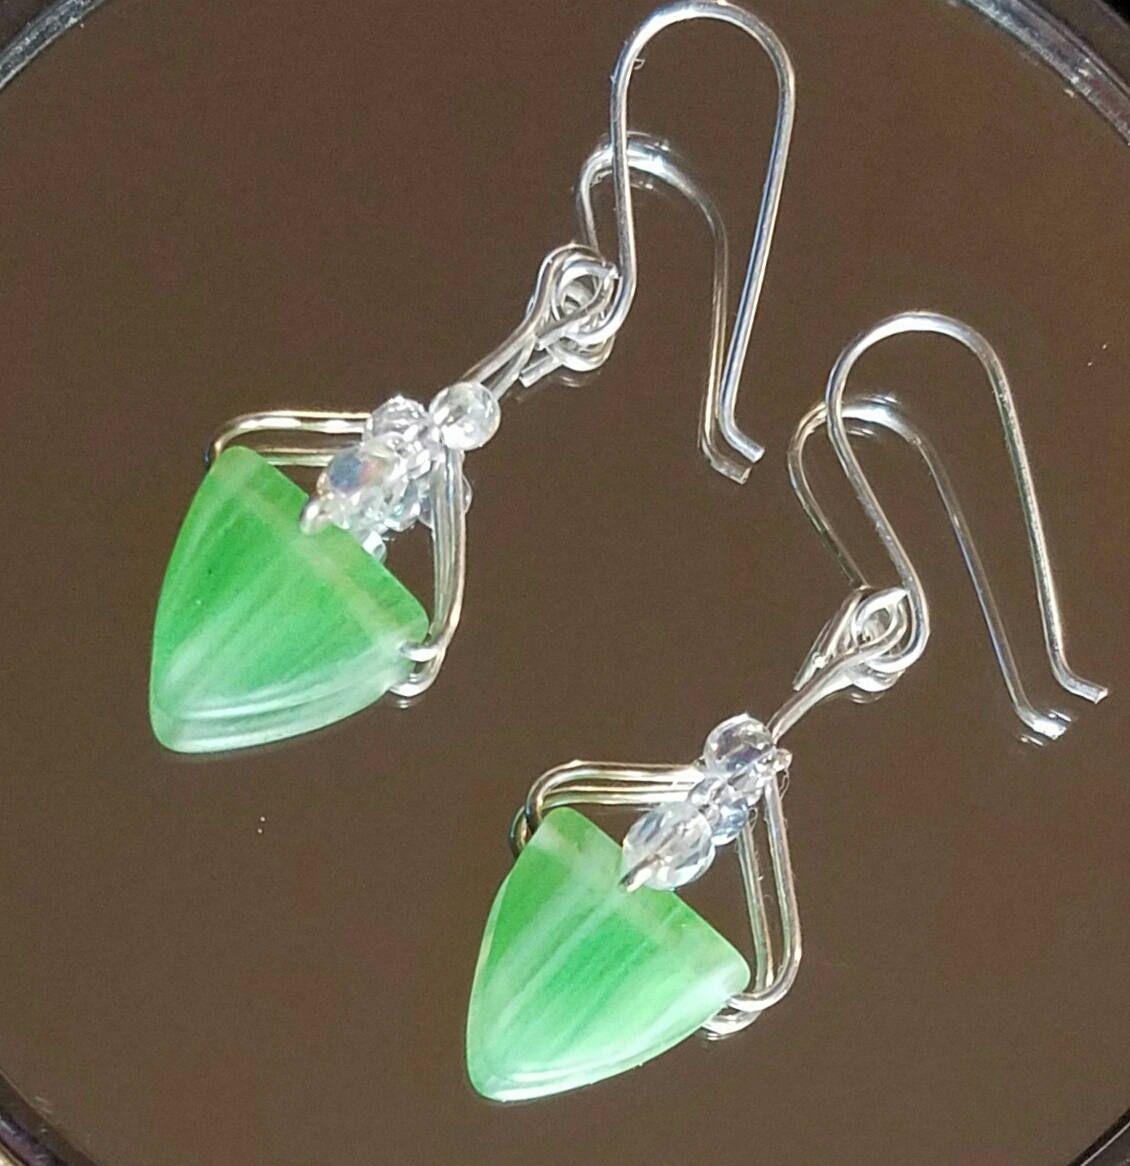 Spades of green earrings, sterling silvet earrings